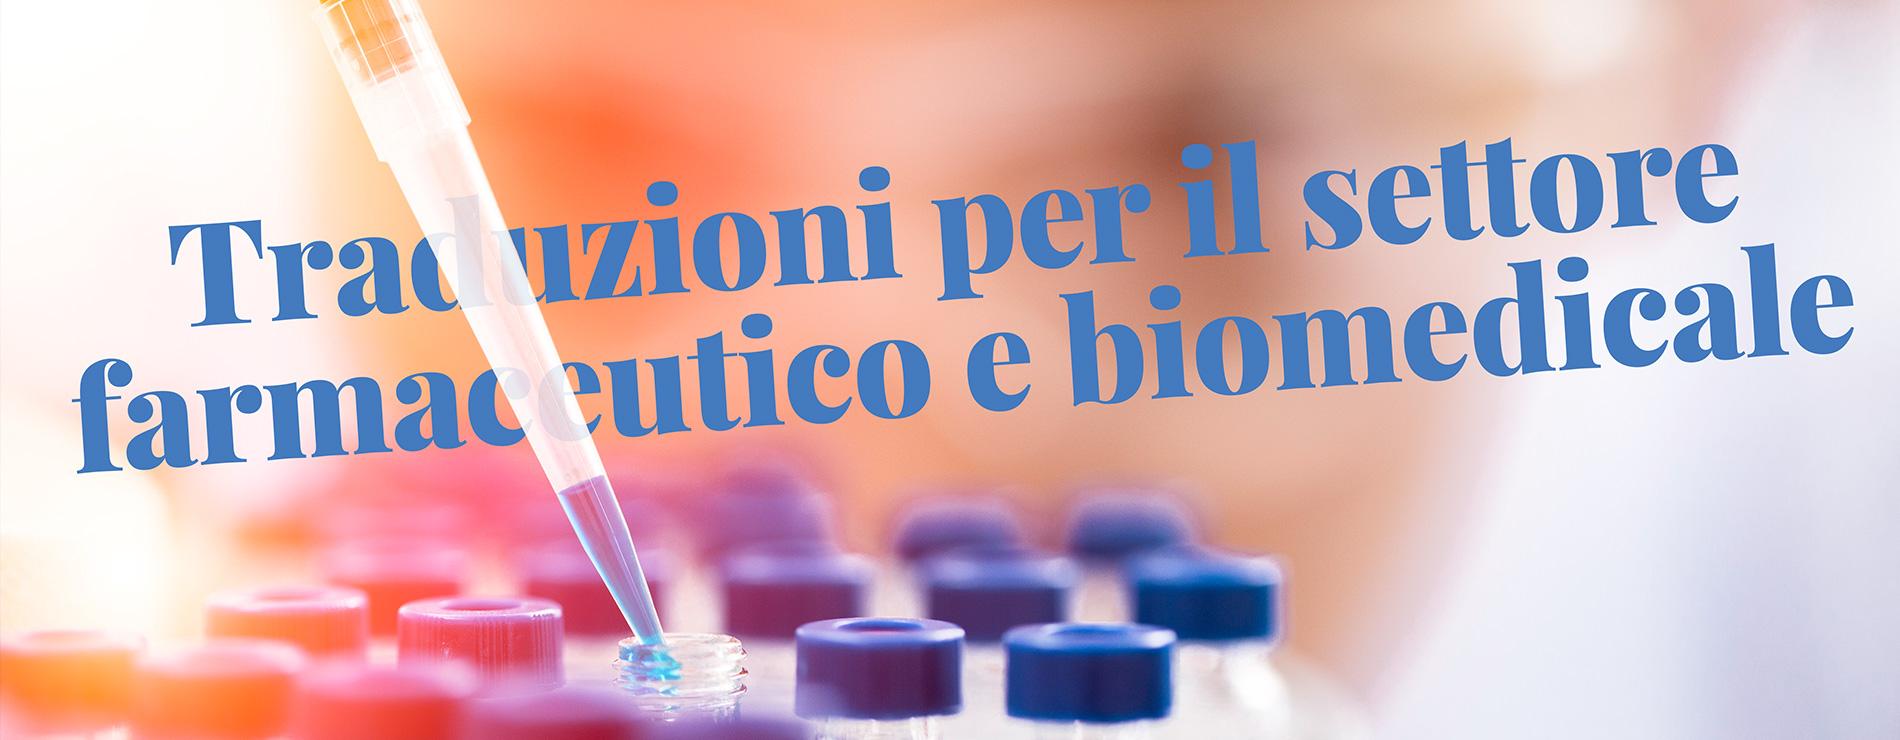 traduzione farmaceutica e biomedicale nsc